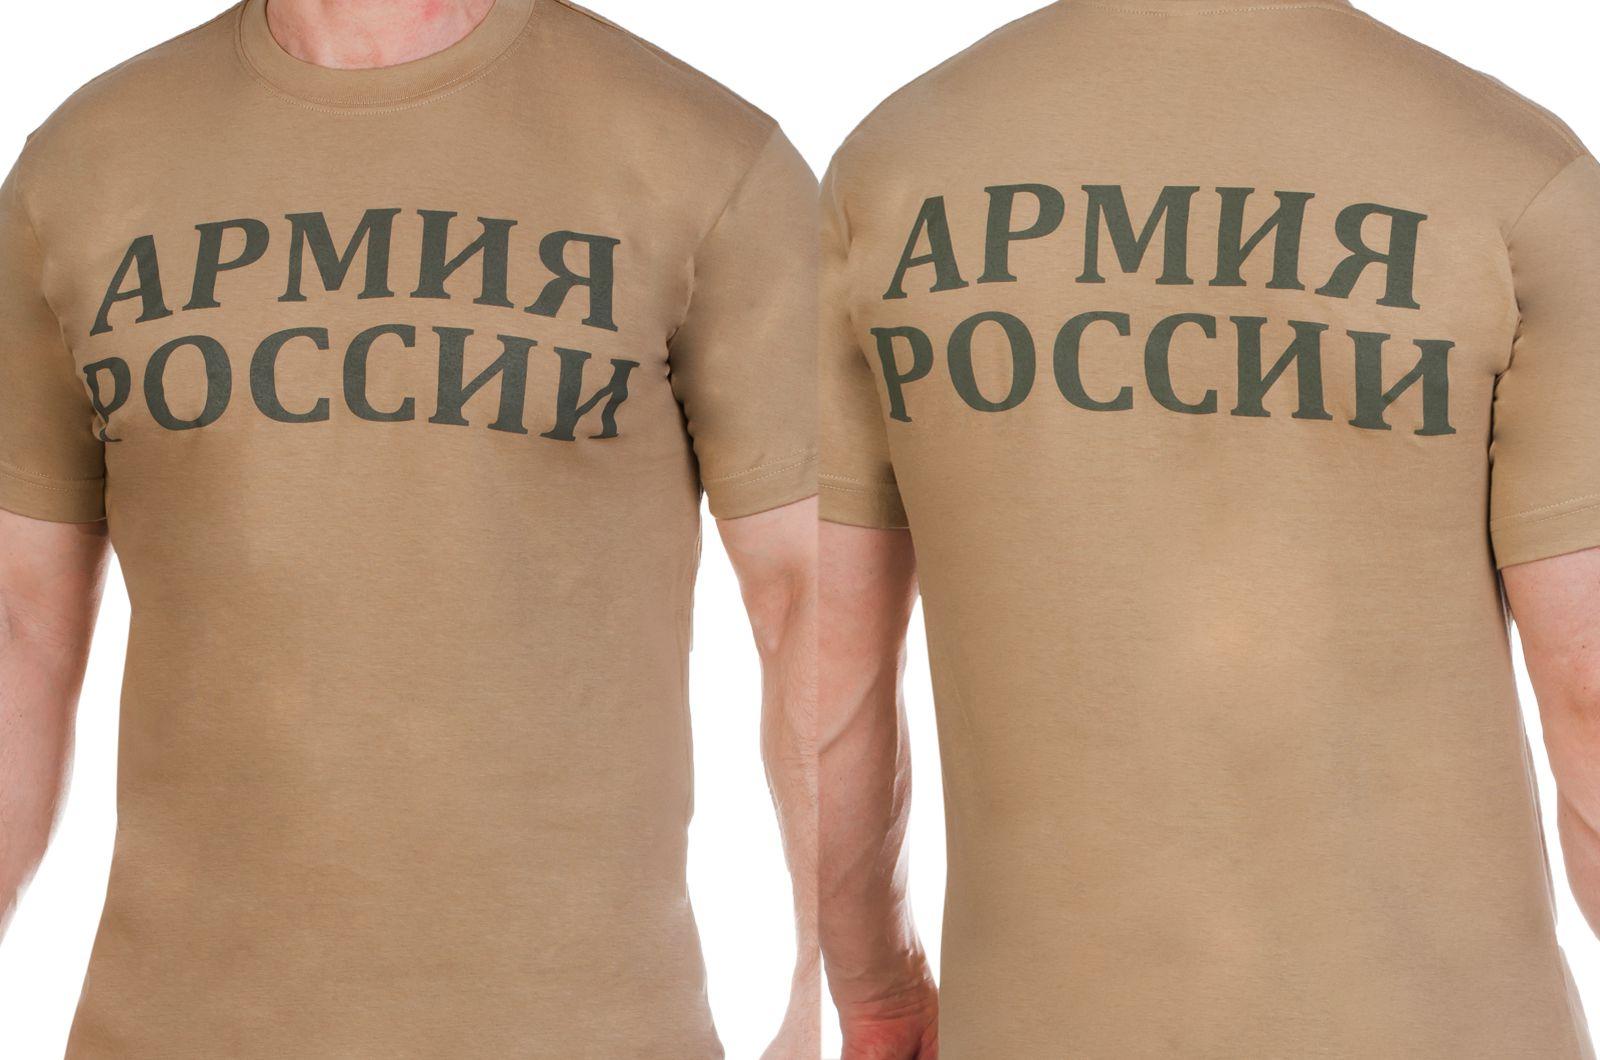 Заказать футболки с тематикой Армия России